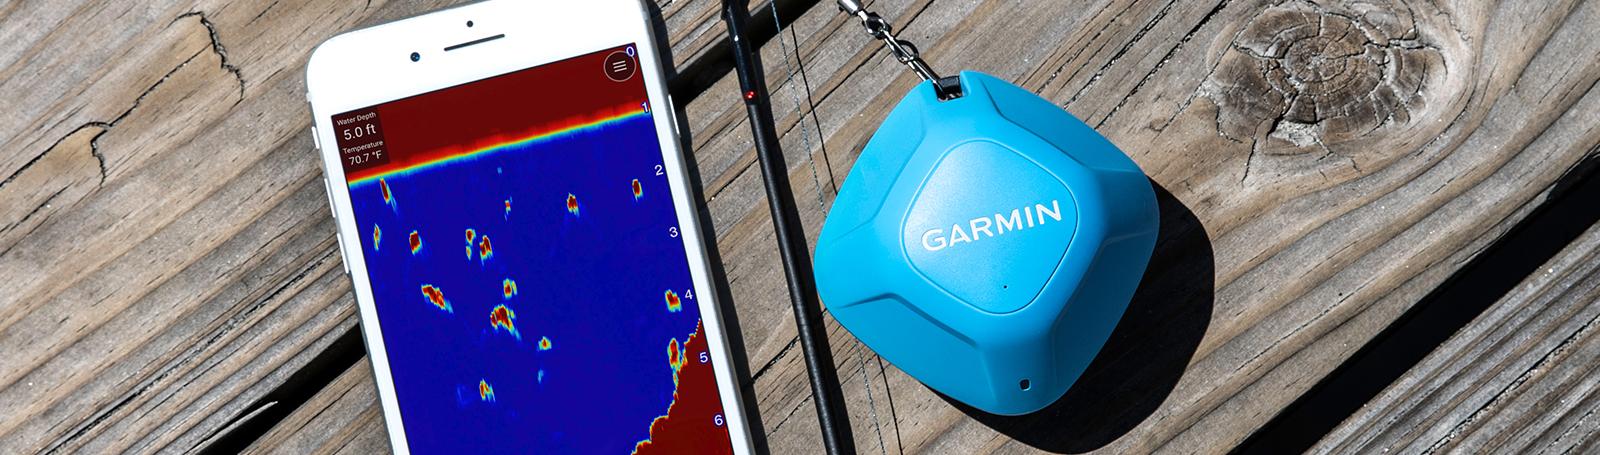 Prikaz sonarske slike ma mobilnom uređaju